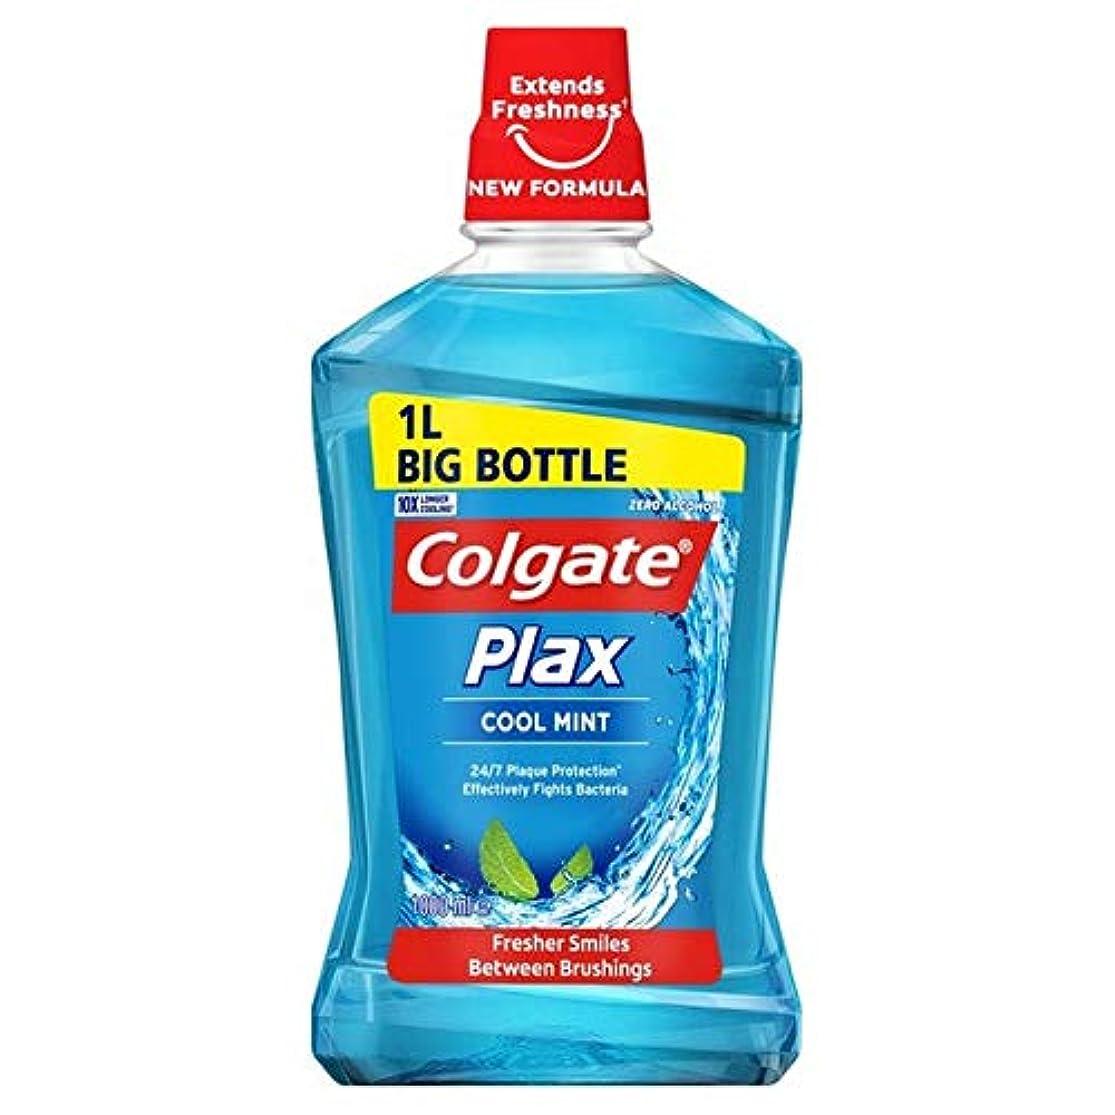 力学私たち自身シガレット[Colgate ] コルゲートPlaxクールミントマウスウォッシュ1リットル - Colgate Plax Cool Mint Mouthwash 1L [並行輸入品]